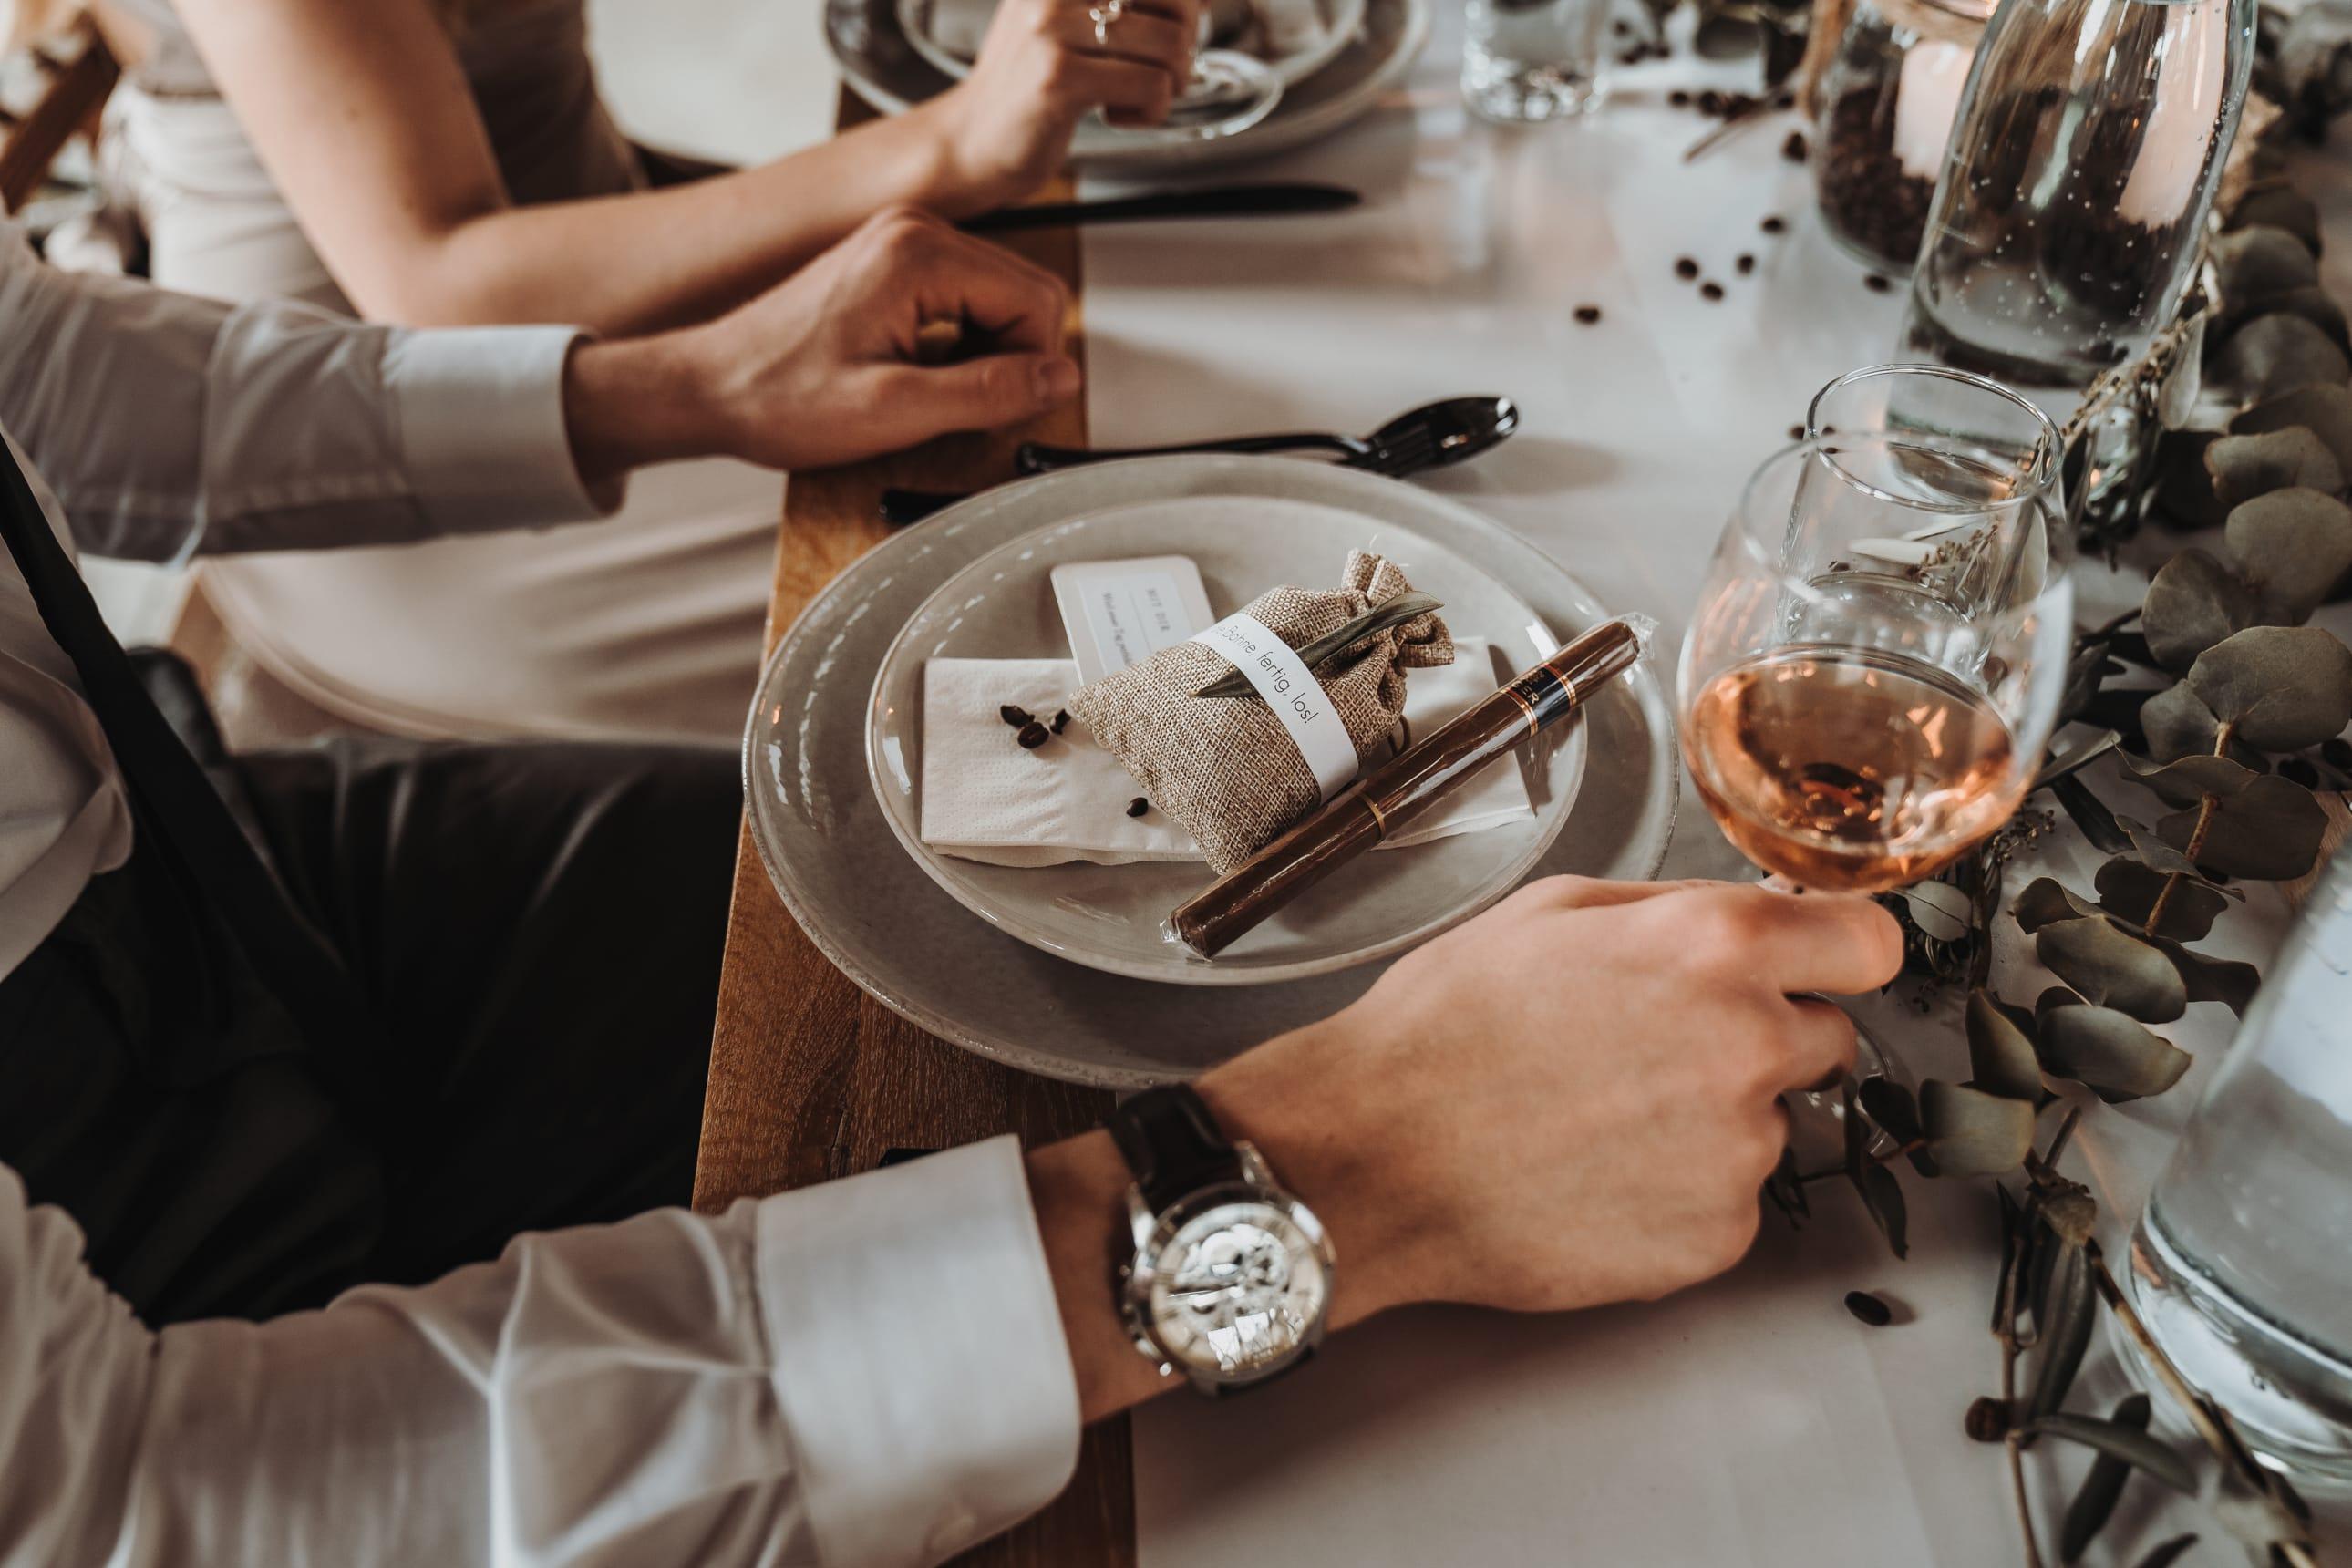 Tischdeko_Ideen_für_die_Hochzeit_mit_Kaffee_02